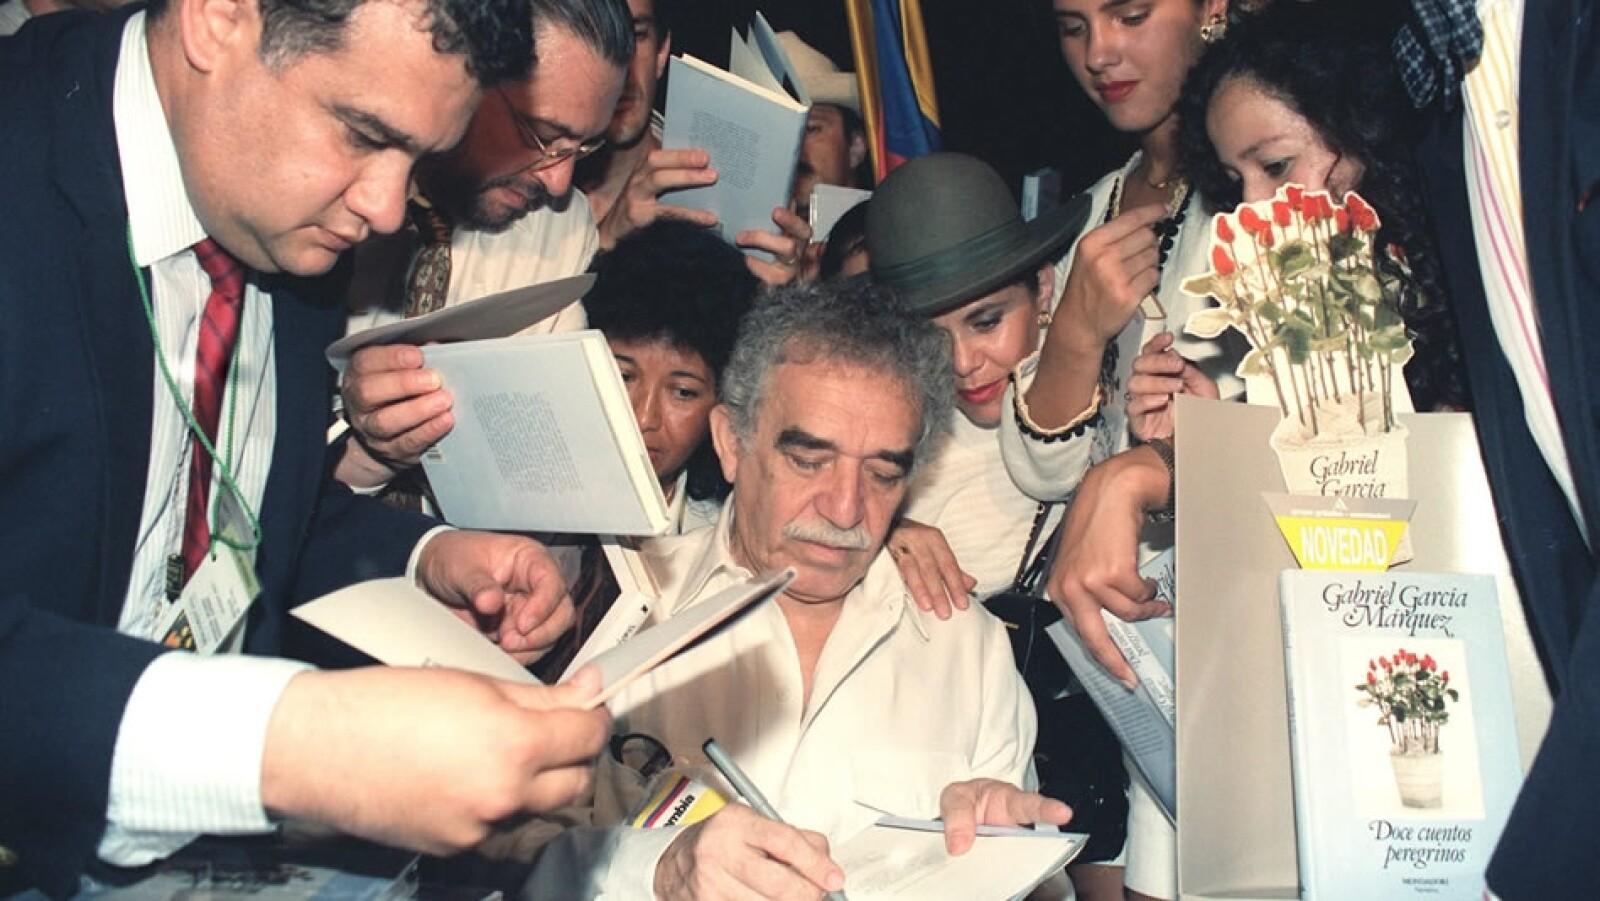 gabriel garcia marquez 1992